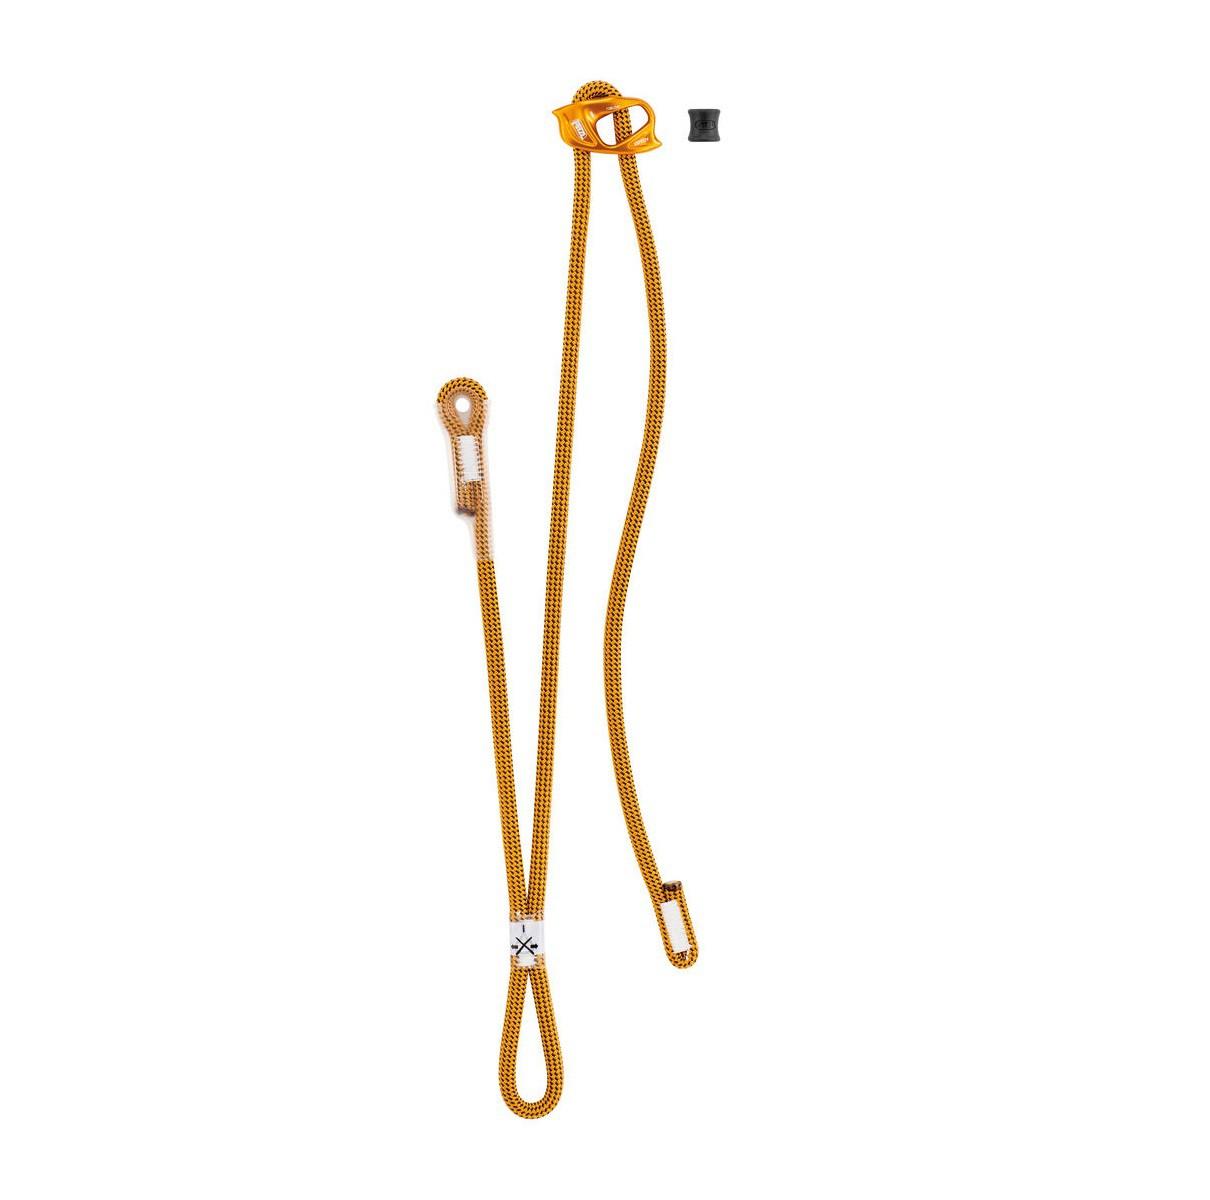 Dual Connect Adjust - Longe Duplo Ajustável Petzl